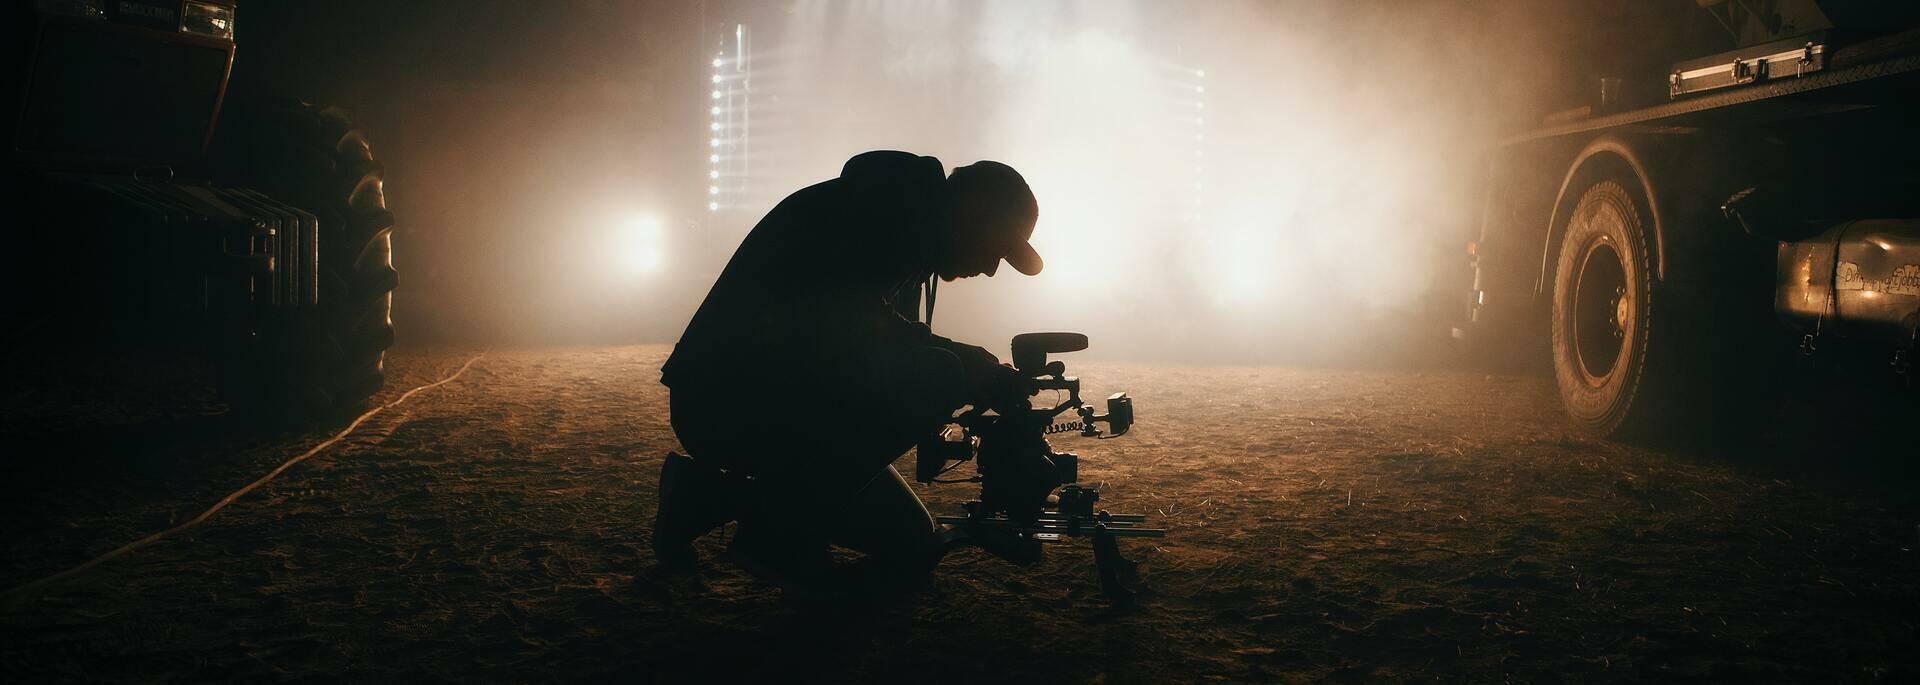 Cinéma, les films tournés à Angers, scène de tournage